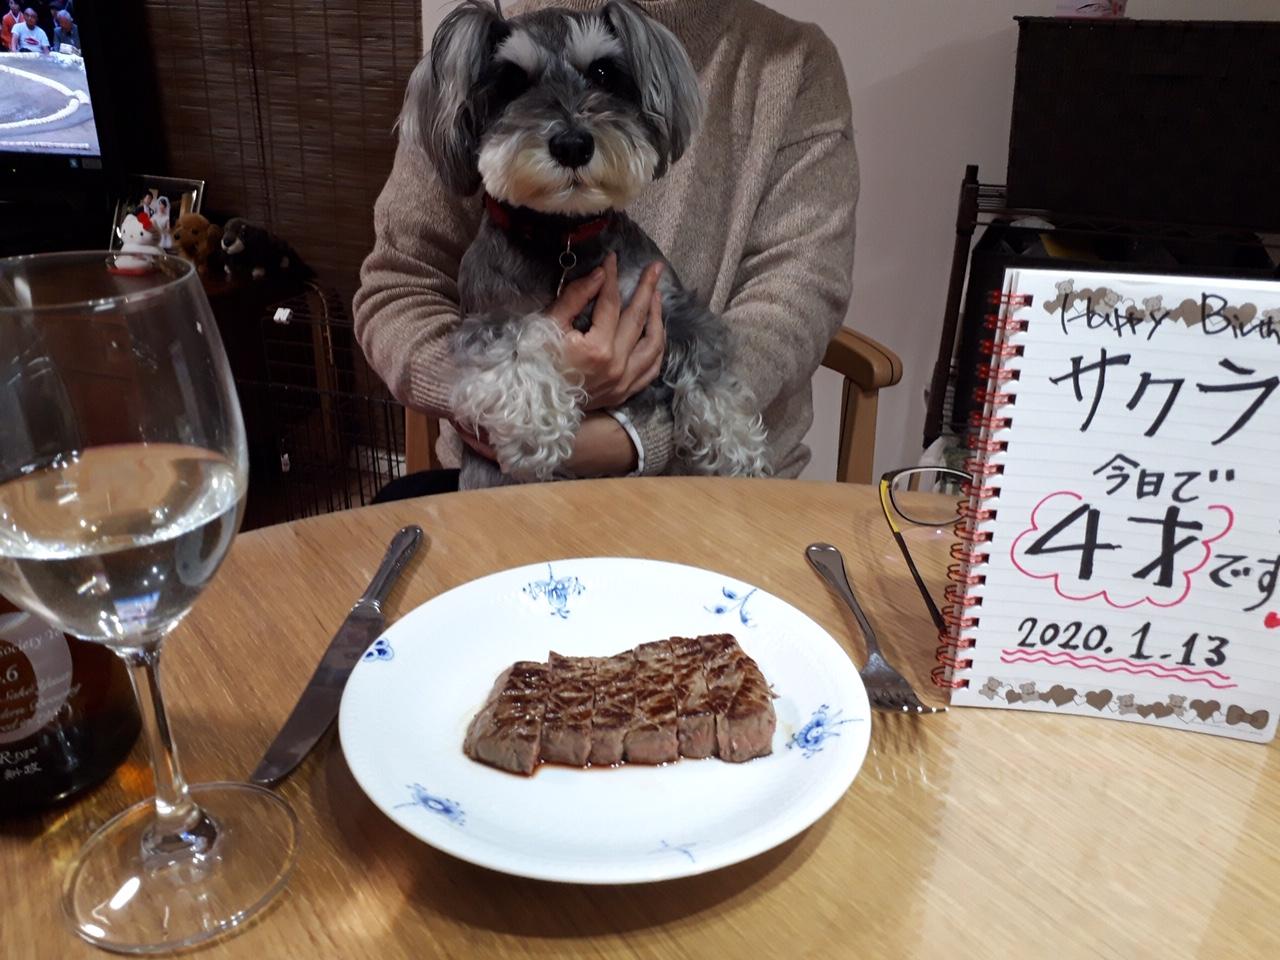 【今日のわんこ】サクラちゃん、4歳になりました♡_1